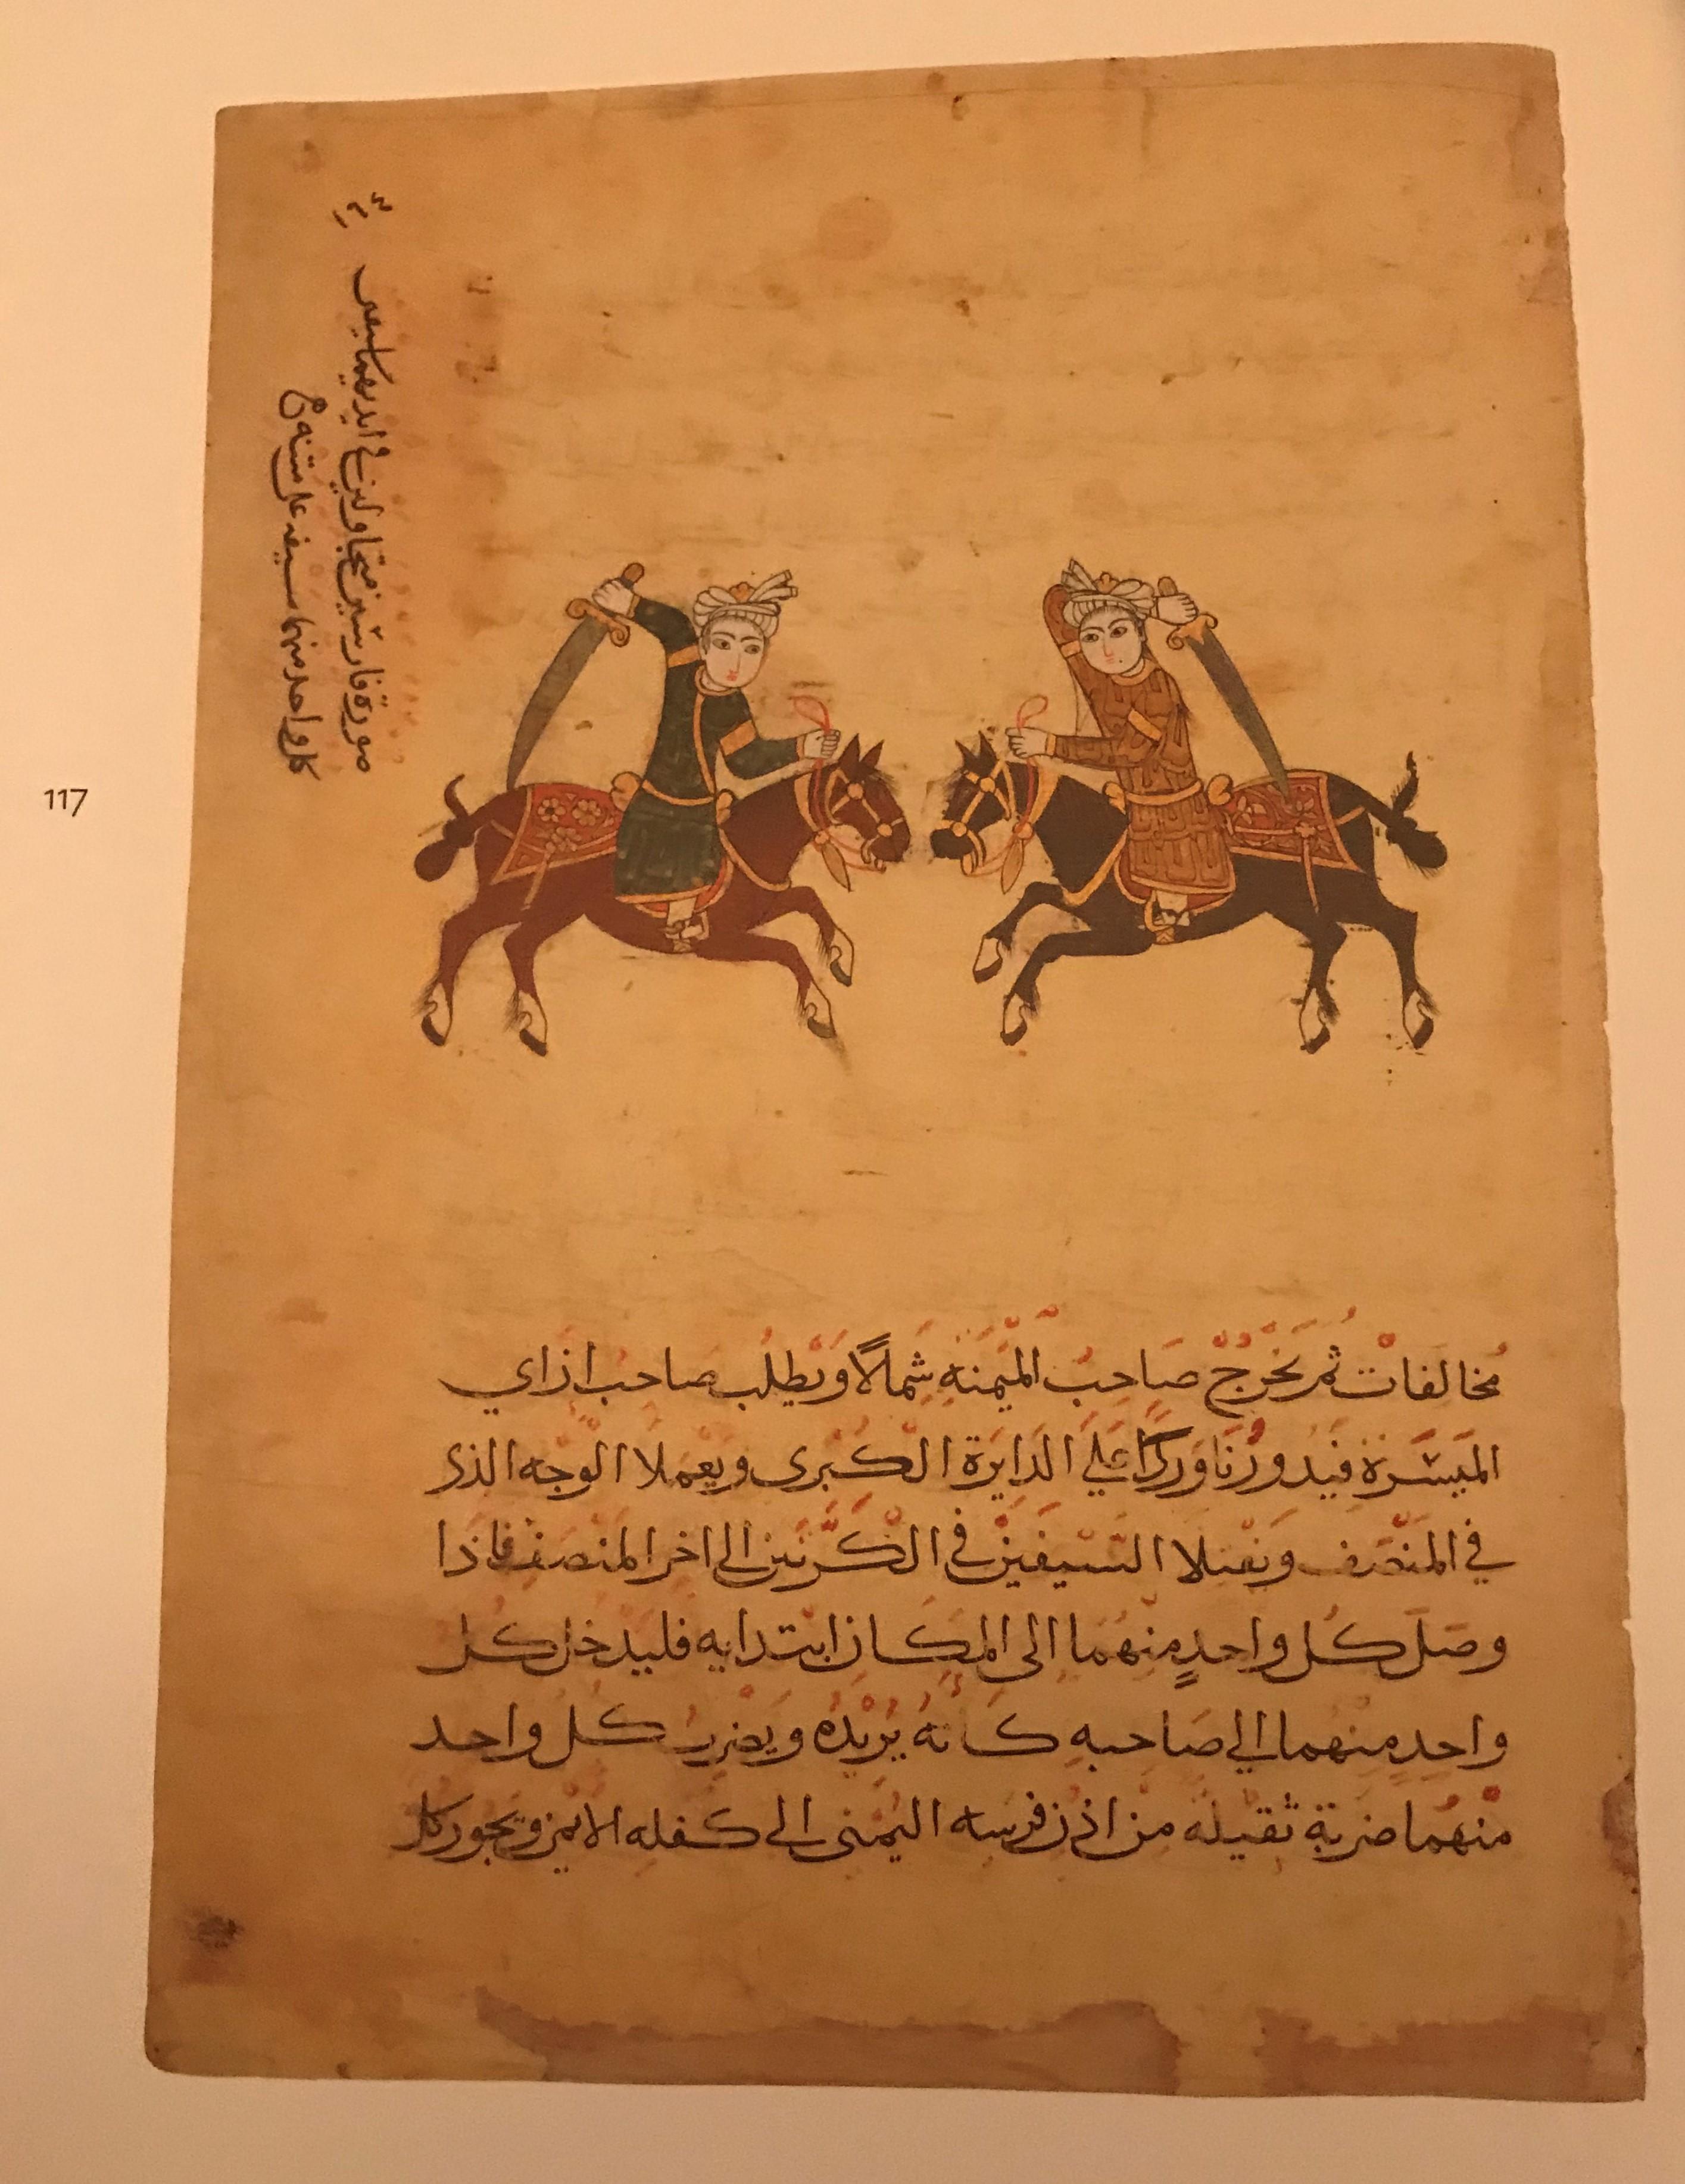 كتاب نهاية السؤال والأمنية فى تعلم أعمال الفروسية